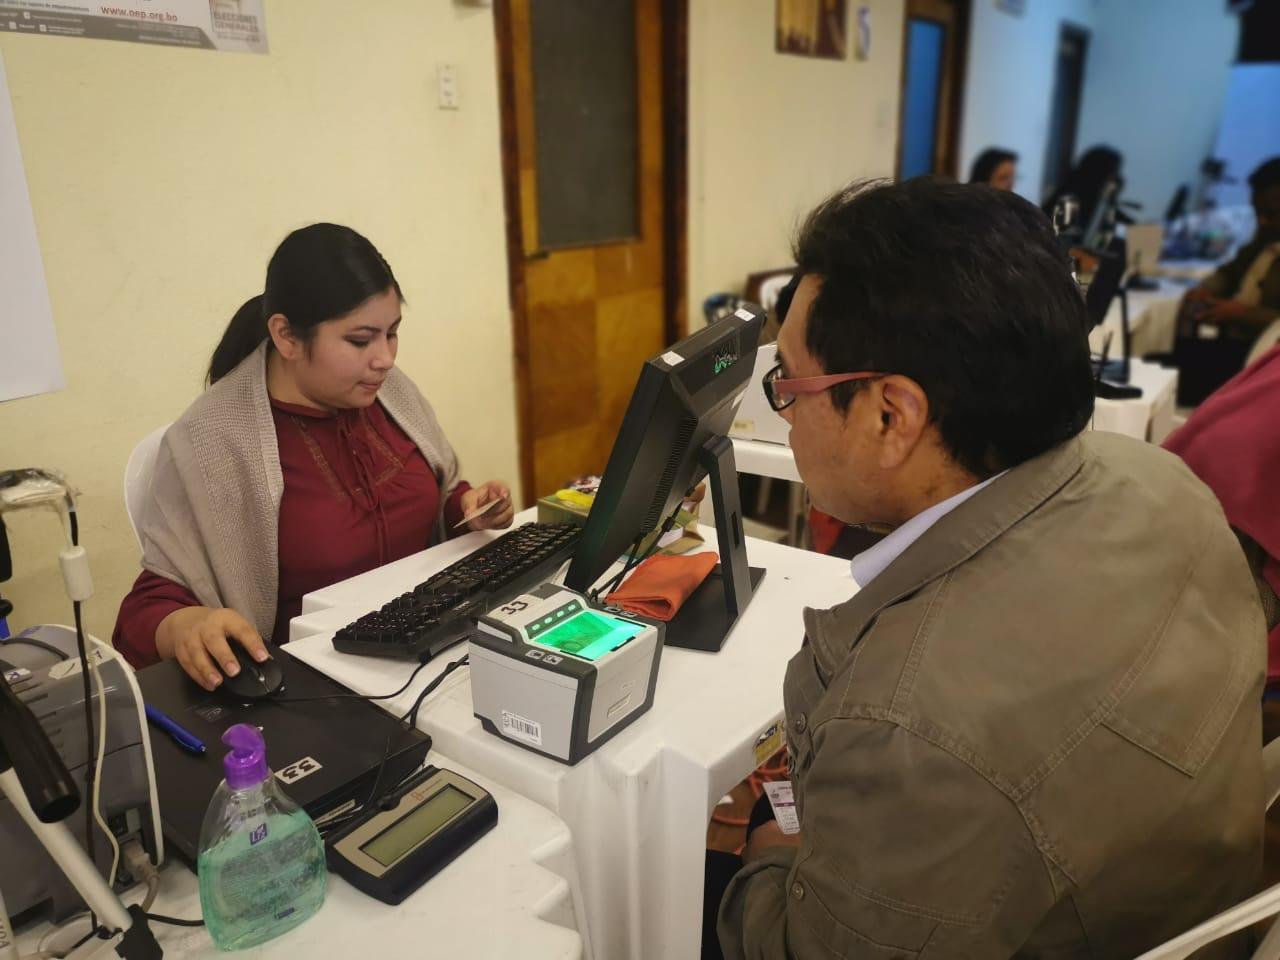 La Paz registró 172.759 ciudadanas/os en el empadronamiento masivo rumbo a las Elecciones Generales 2019